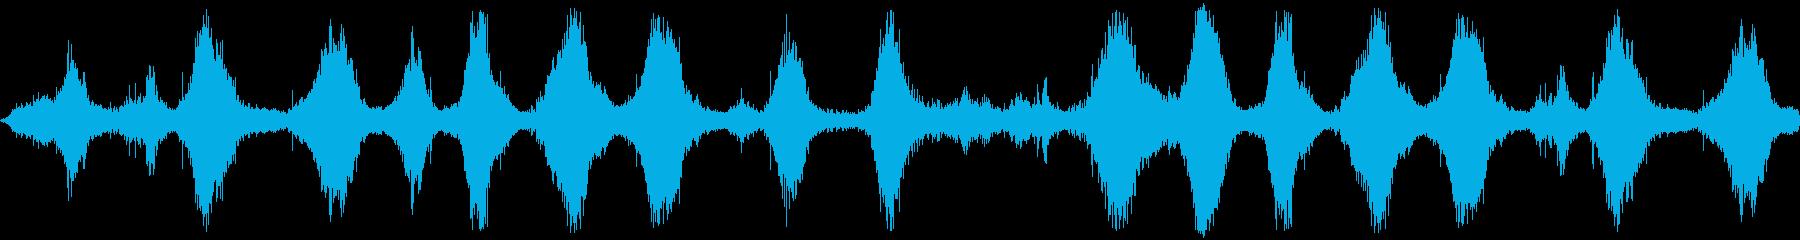 波、ソフトロールDIGIFFECT...の再生済みの波形